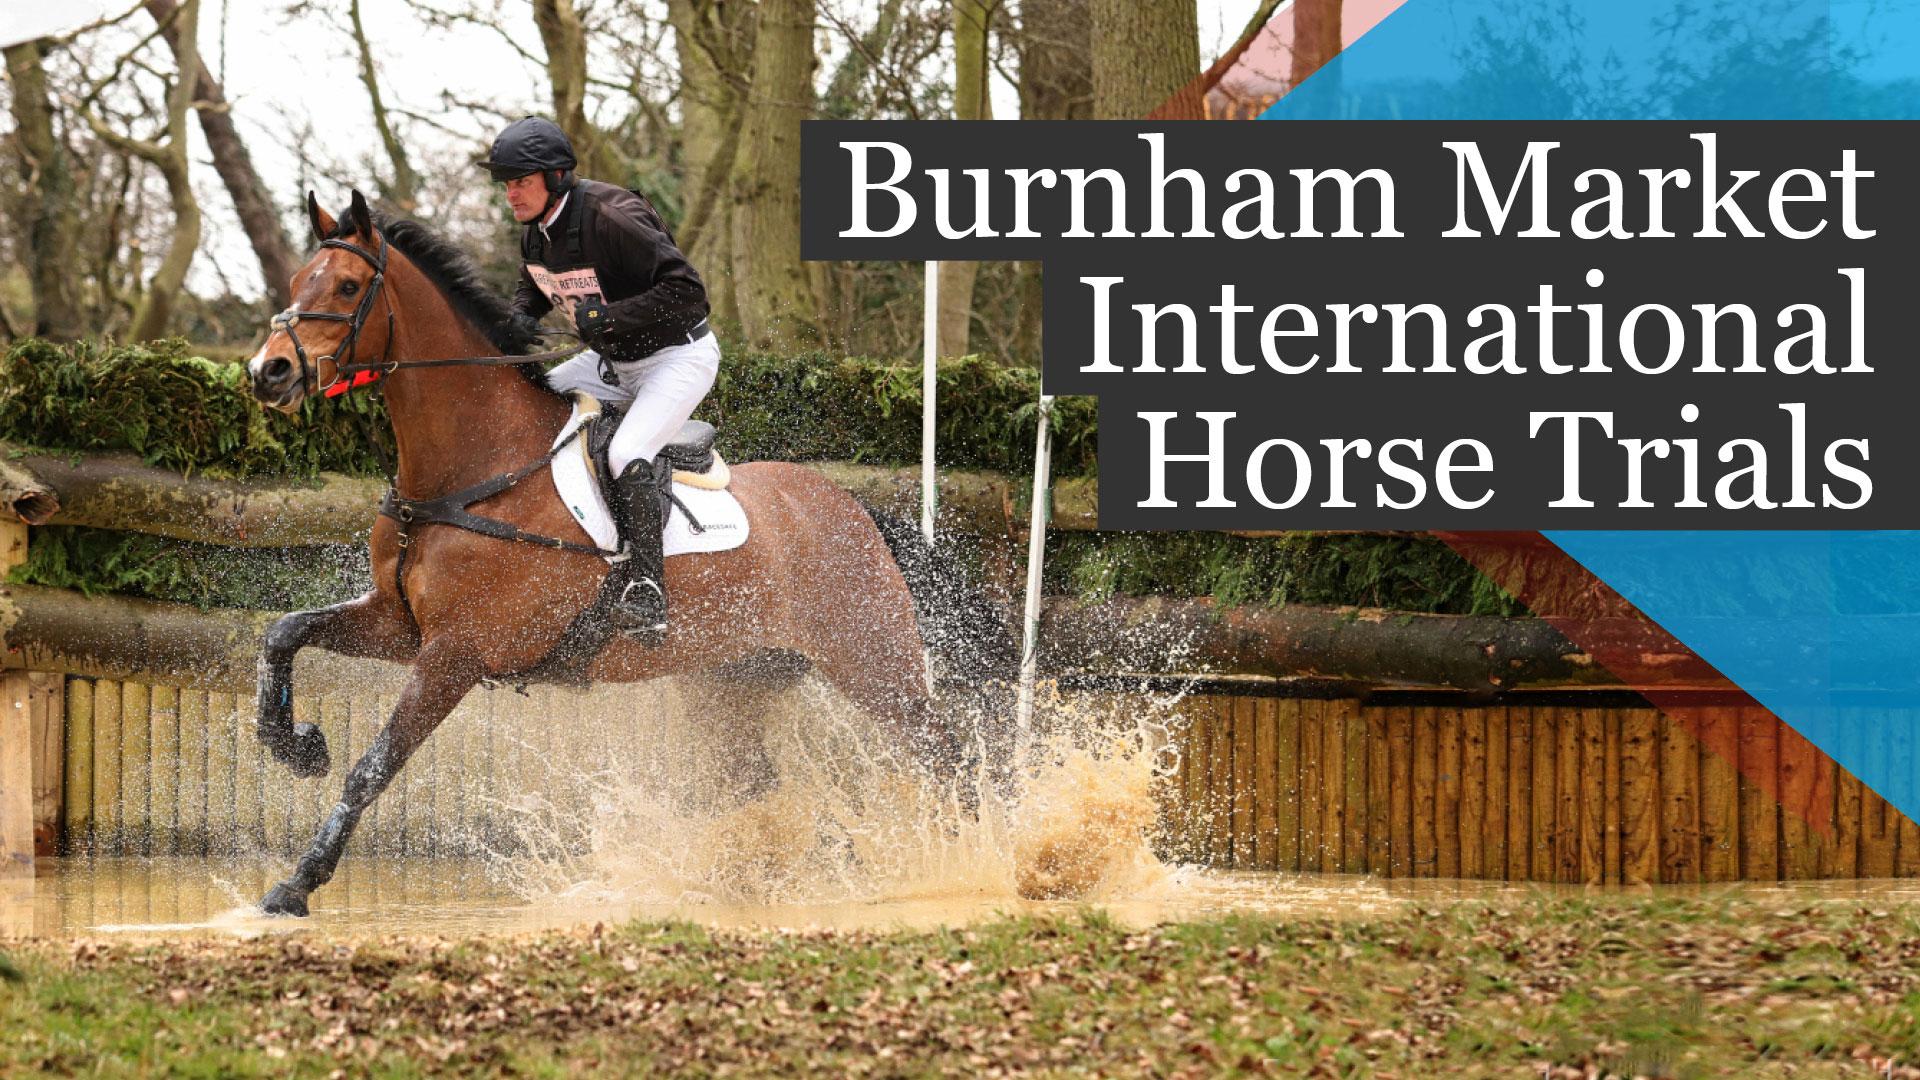 Burnham Market International Horse Trials 2020